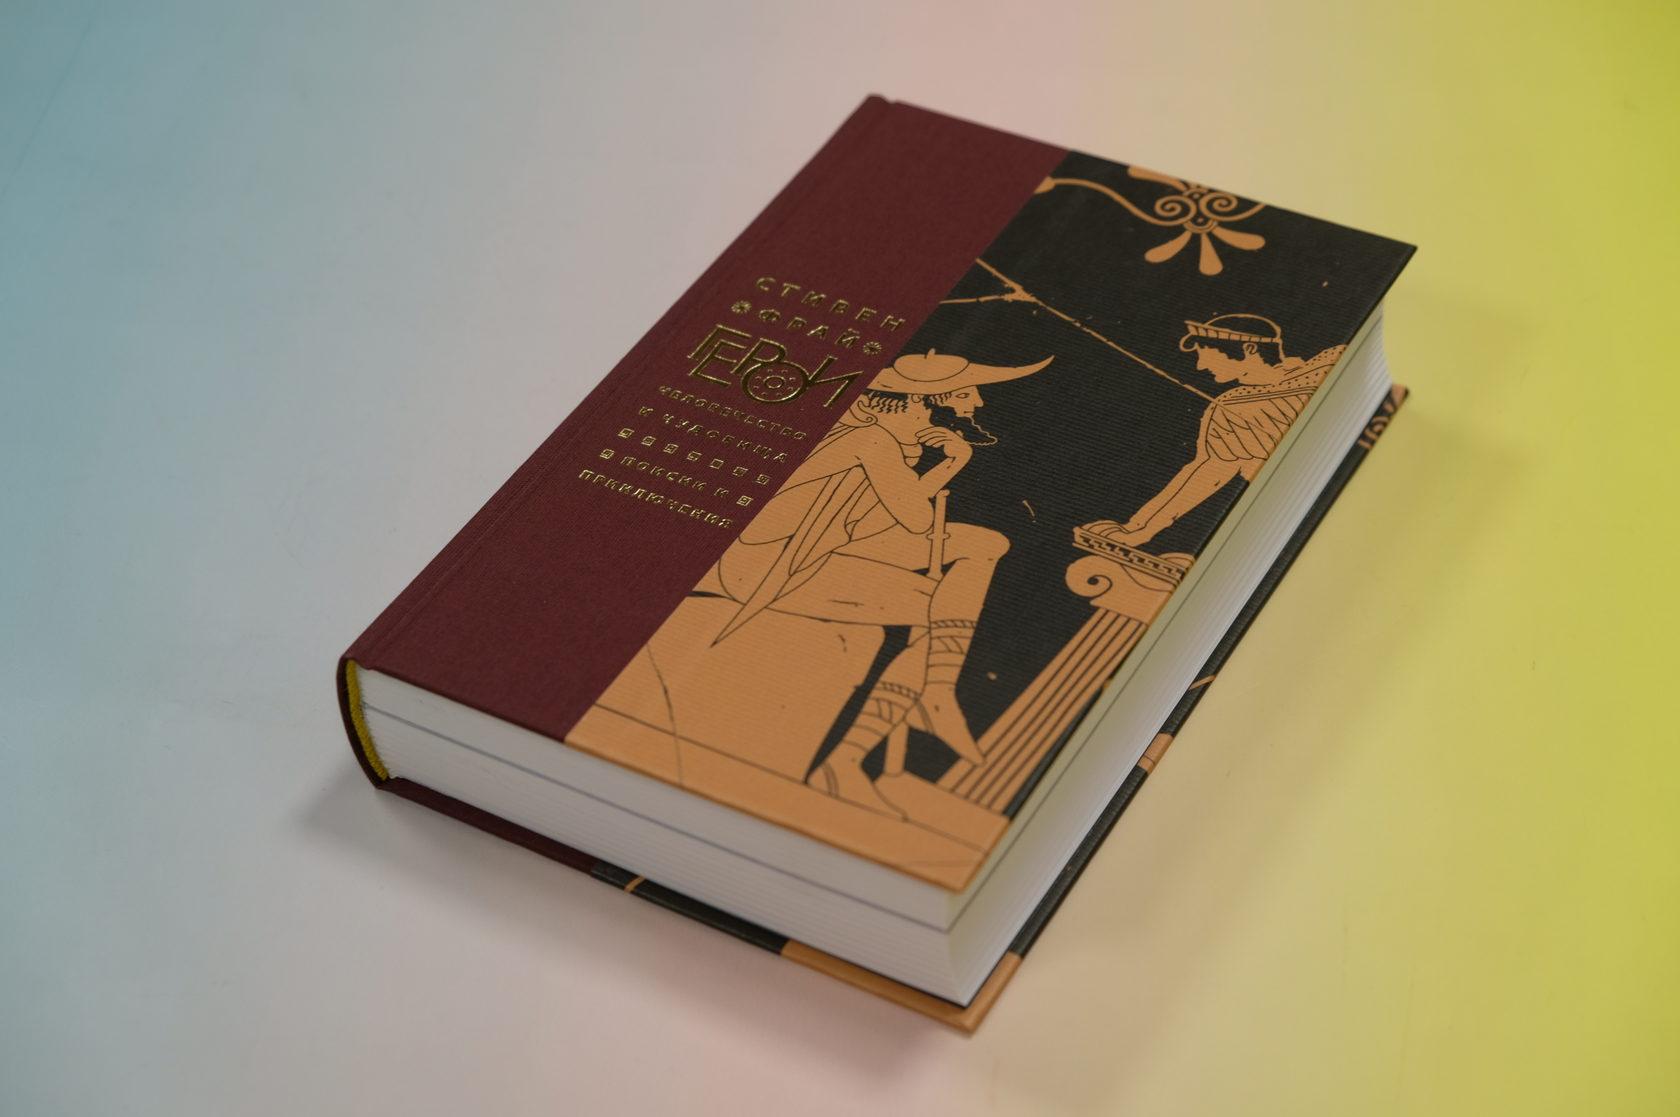 Стивен Фрай «Герои. Человечество и чудовища. Поиски и приключения» 978-5-86471-818-6